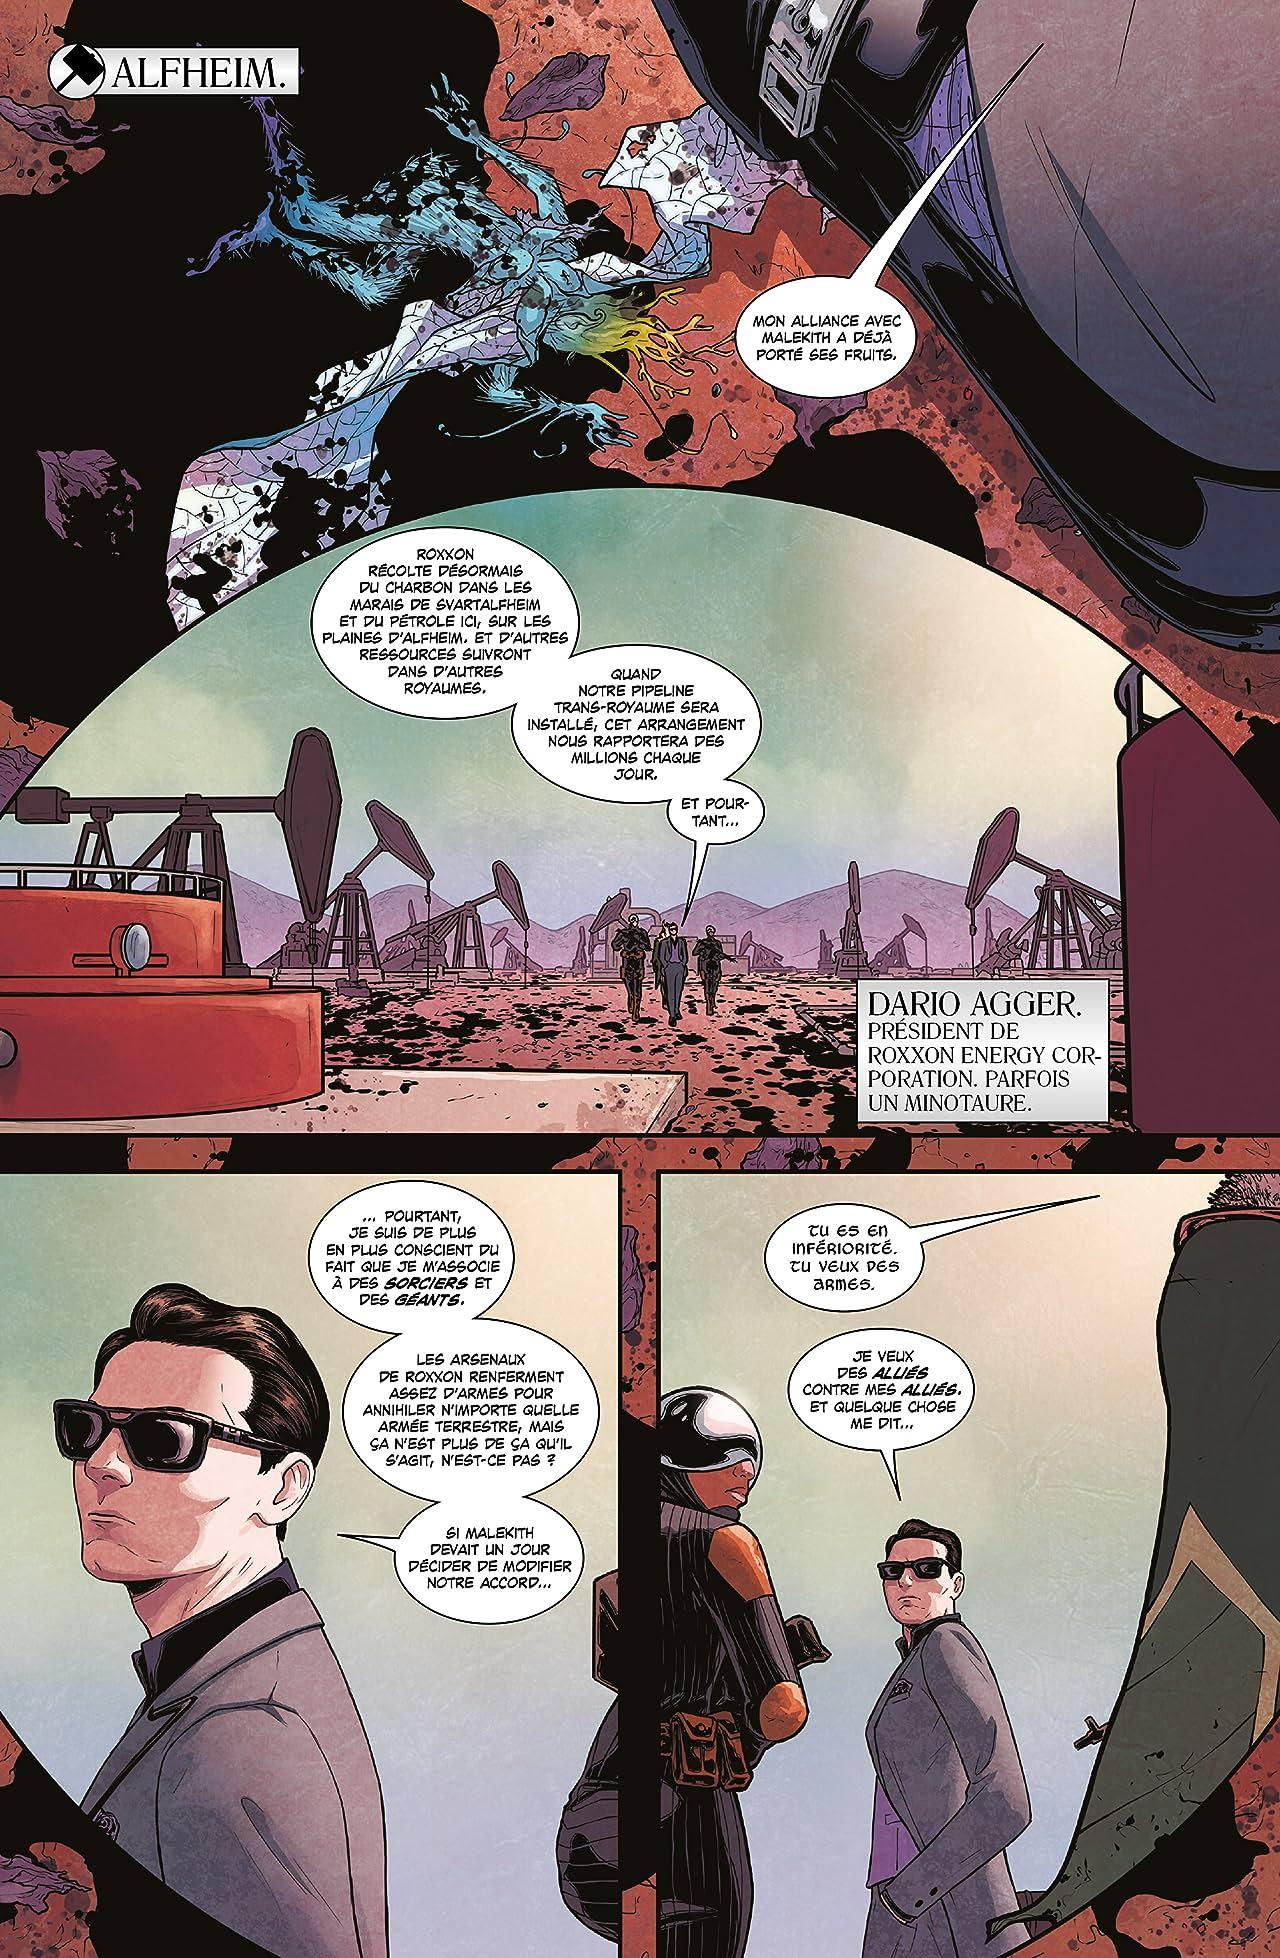 All-New Thor Vol. 2: Les seigneurs de Midgard